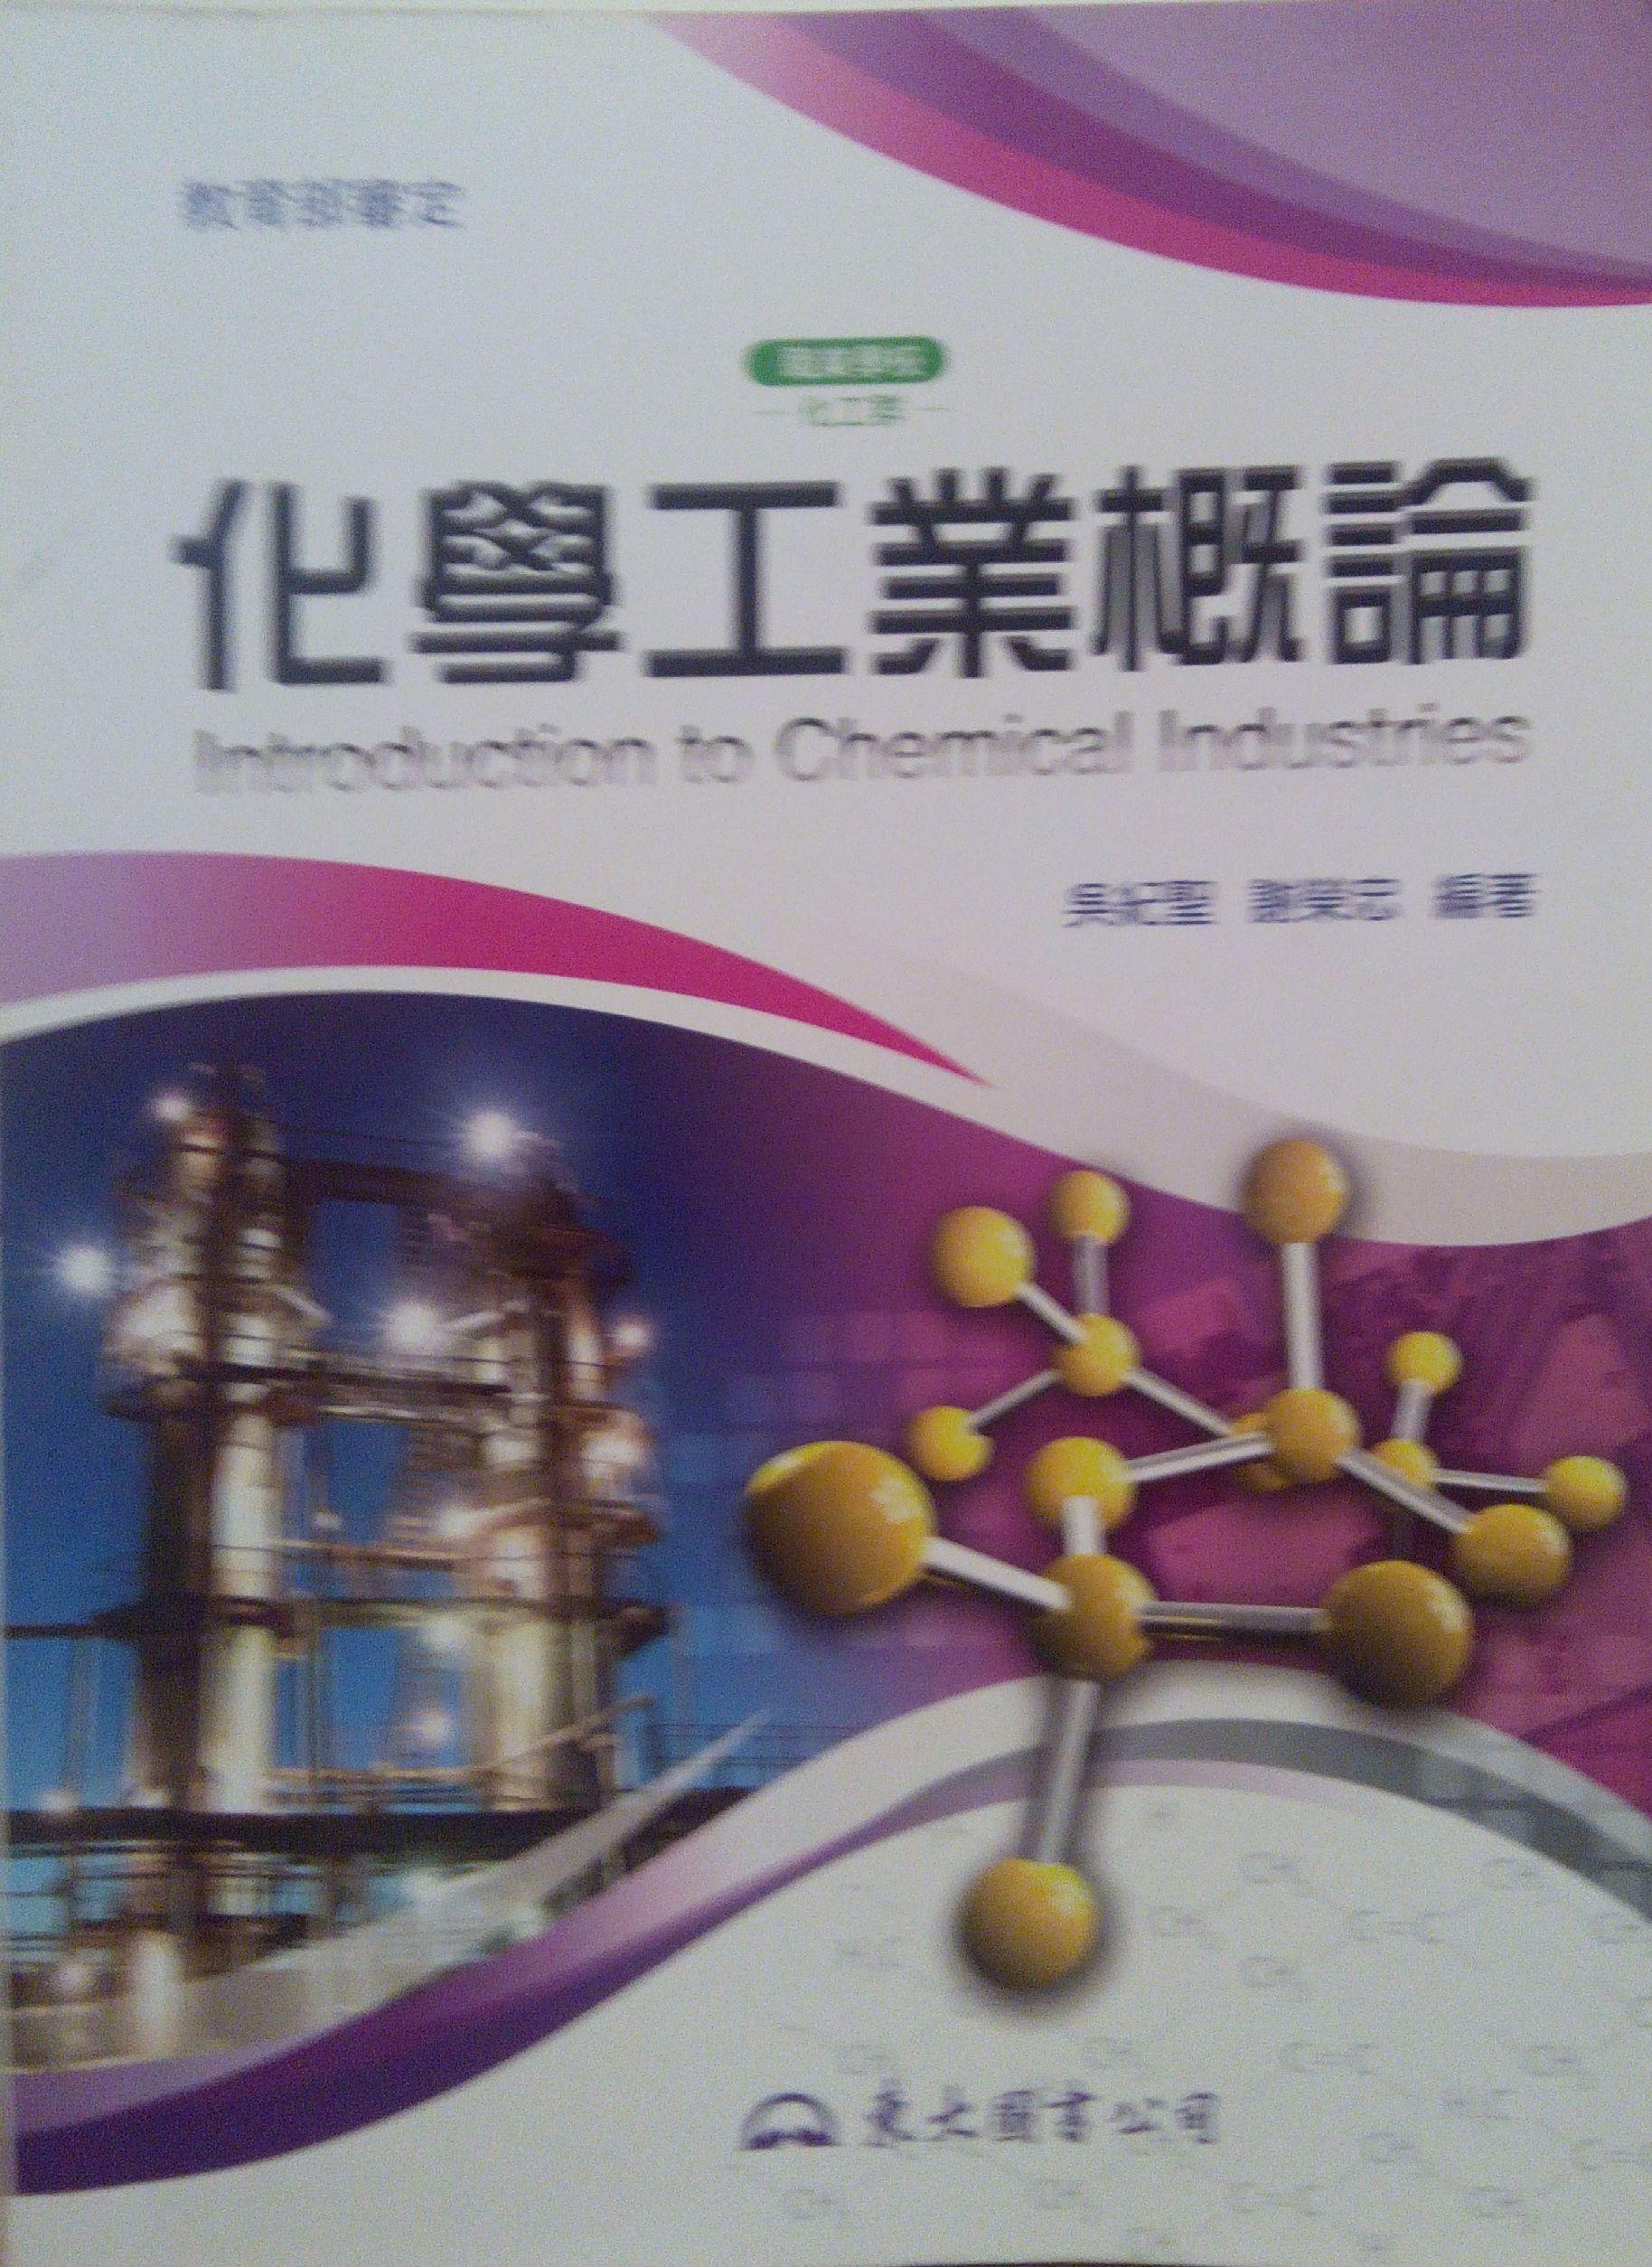 化學工業概論